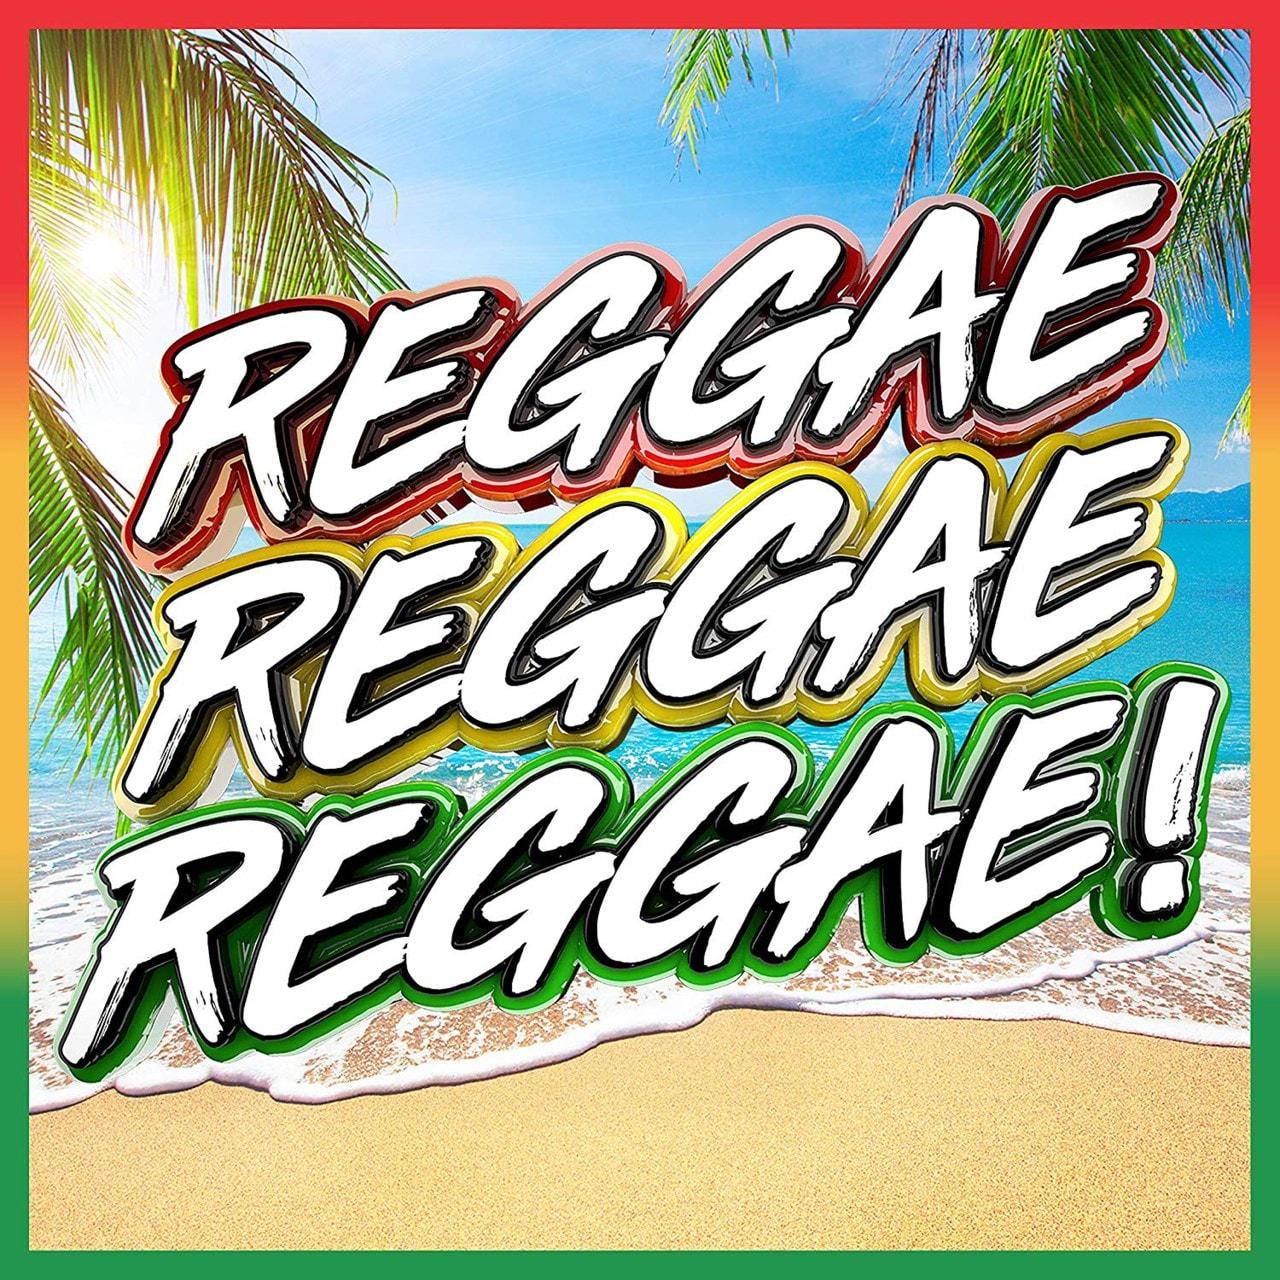 Reggae, Reggae, Reggae! - 1